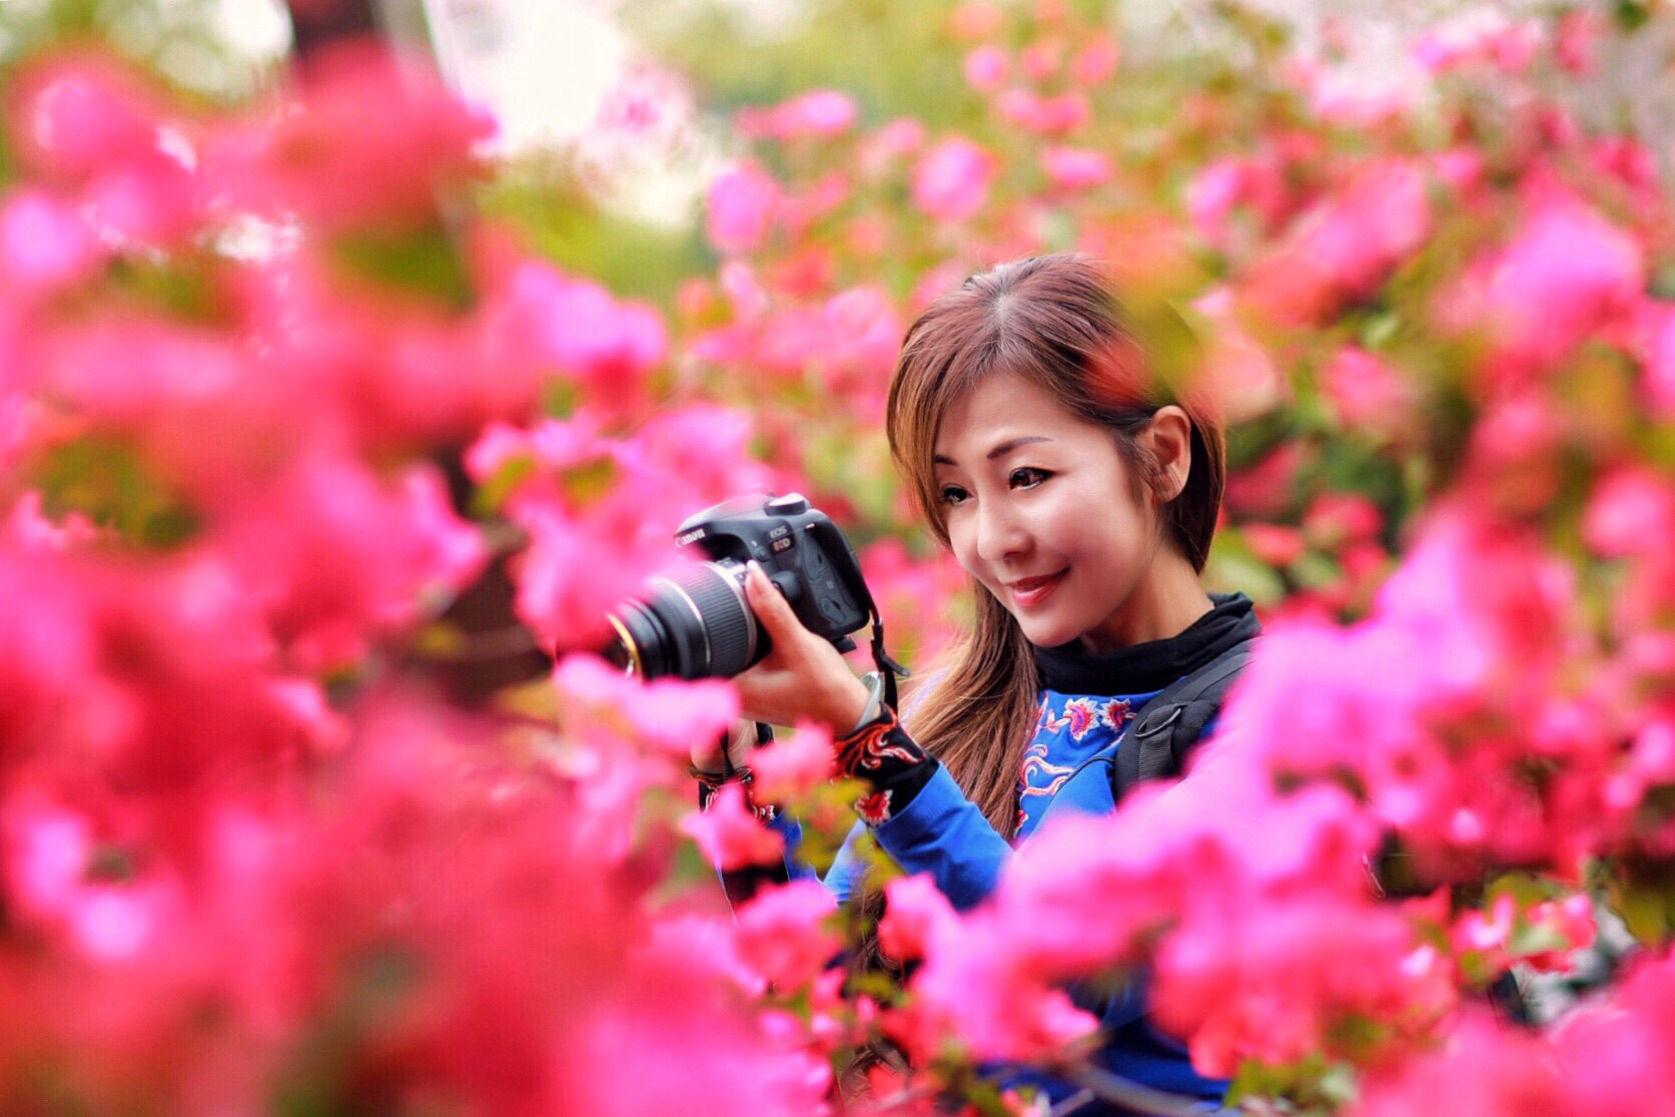 为什么爱摄影的女人都是极品?